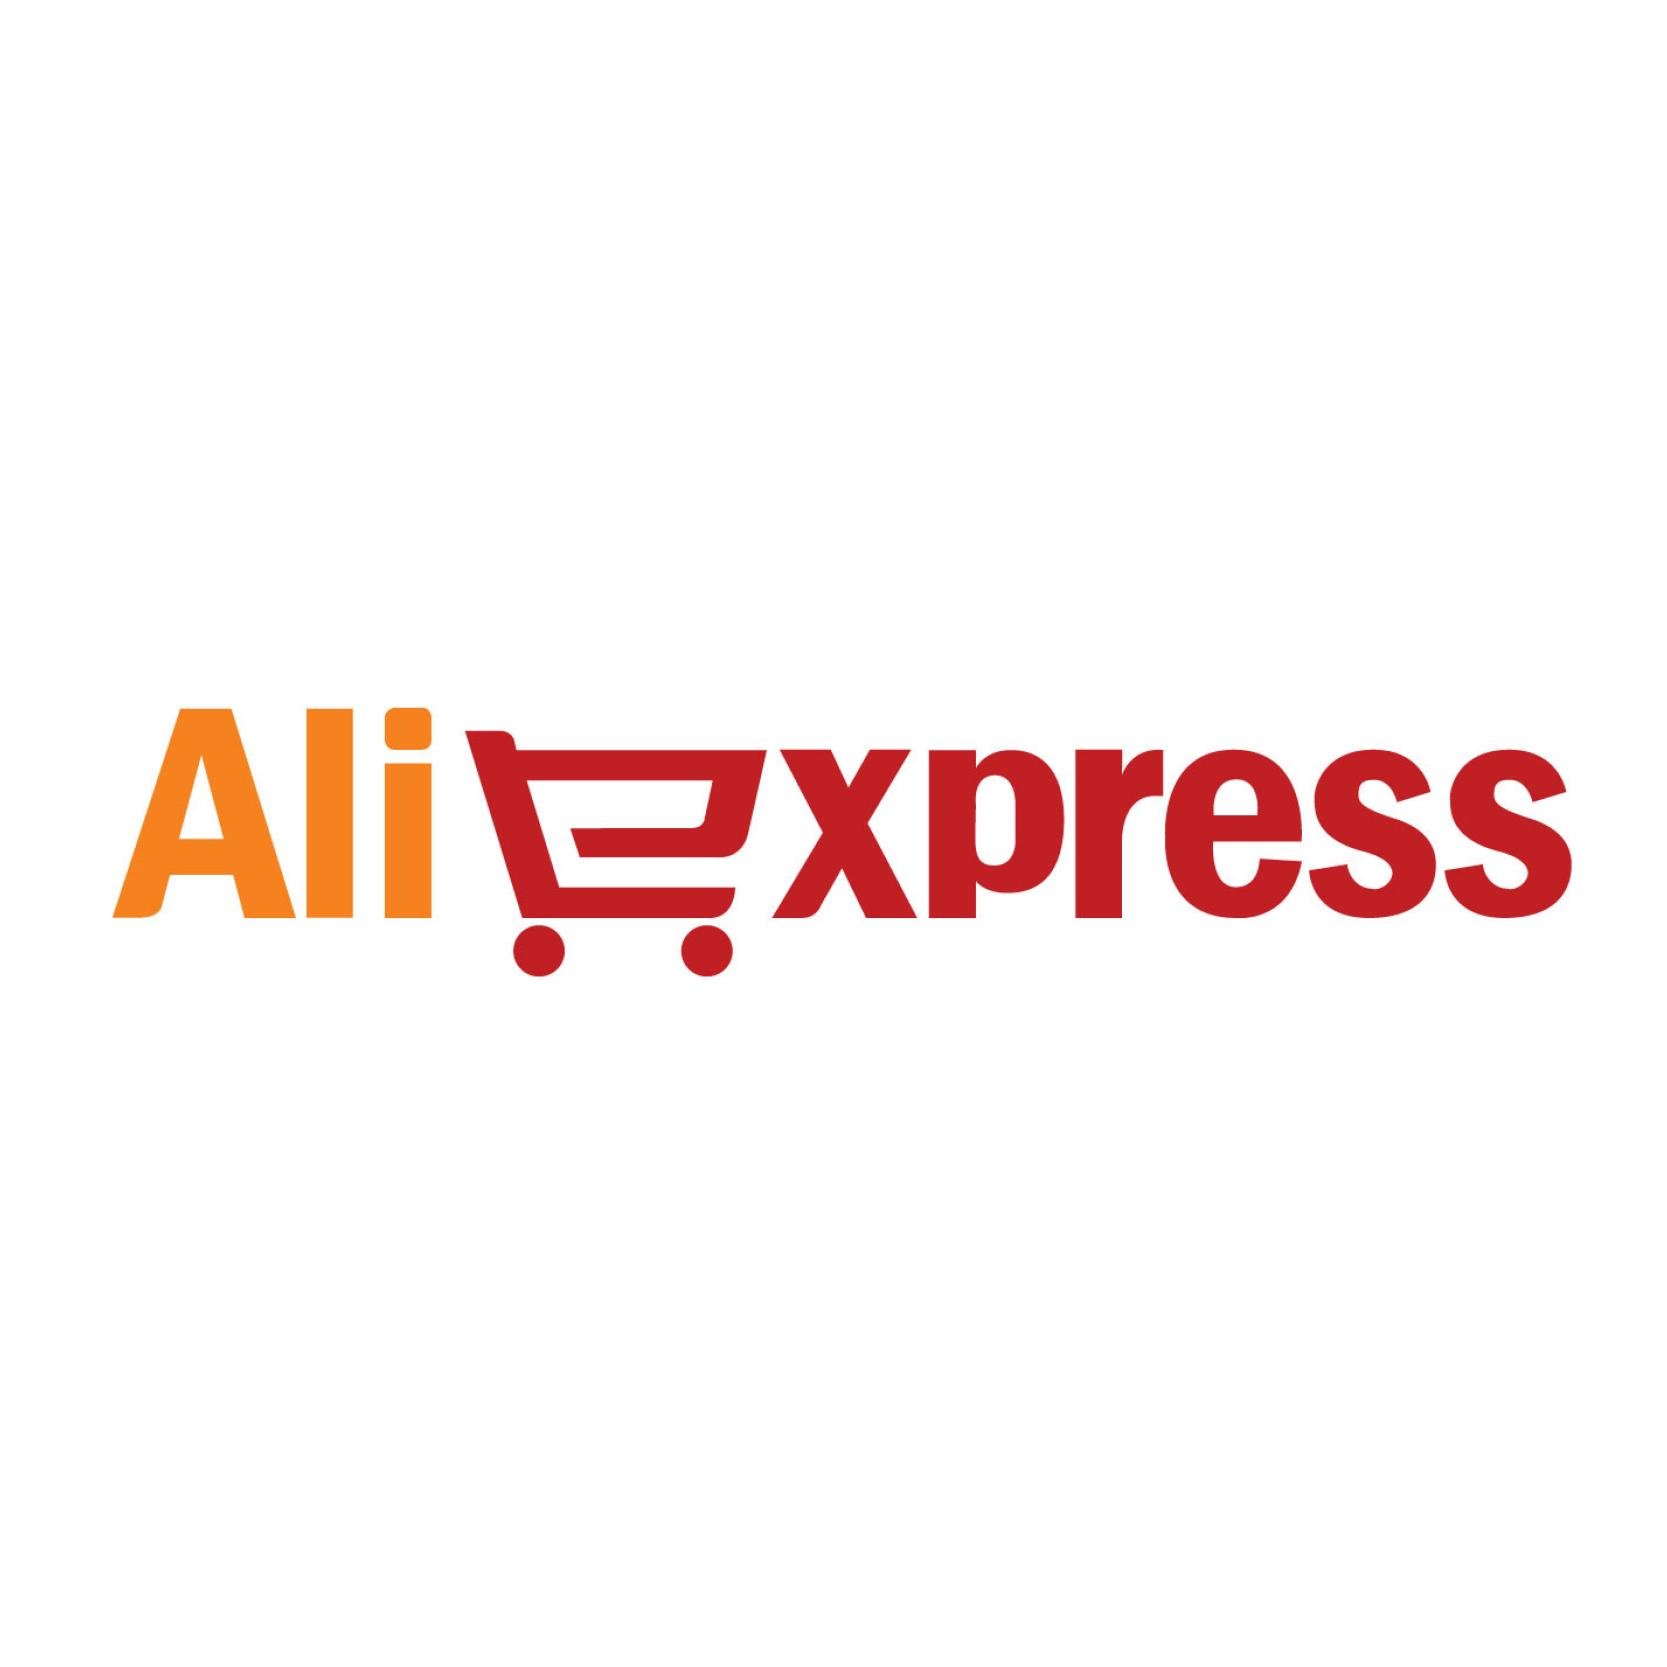 Aliexpress — амазон по китайски